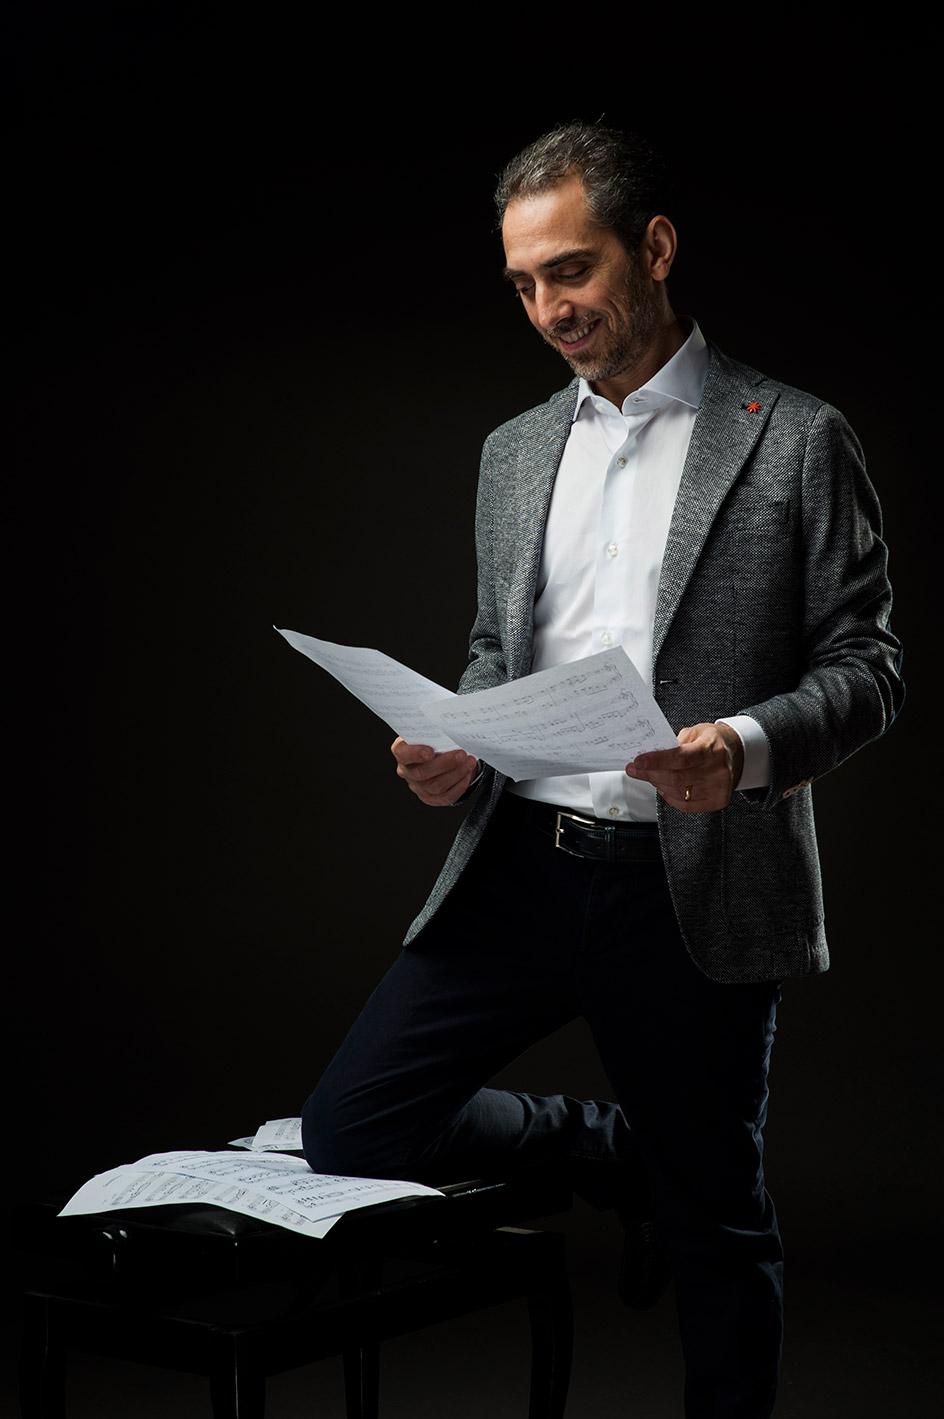 italian pianist and composer Fabio di Biase